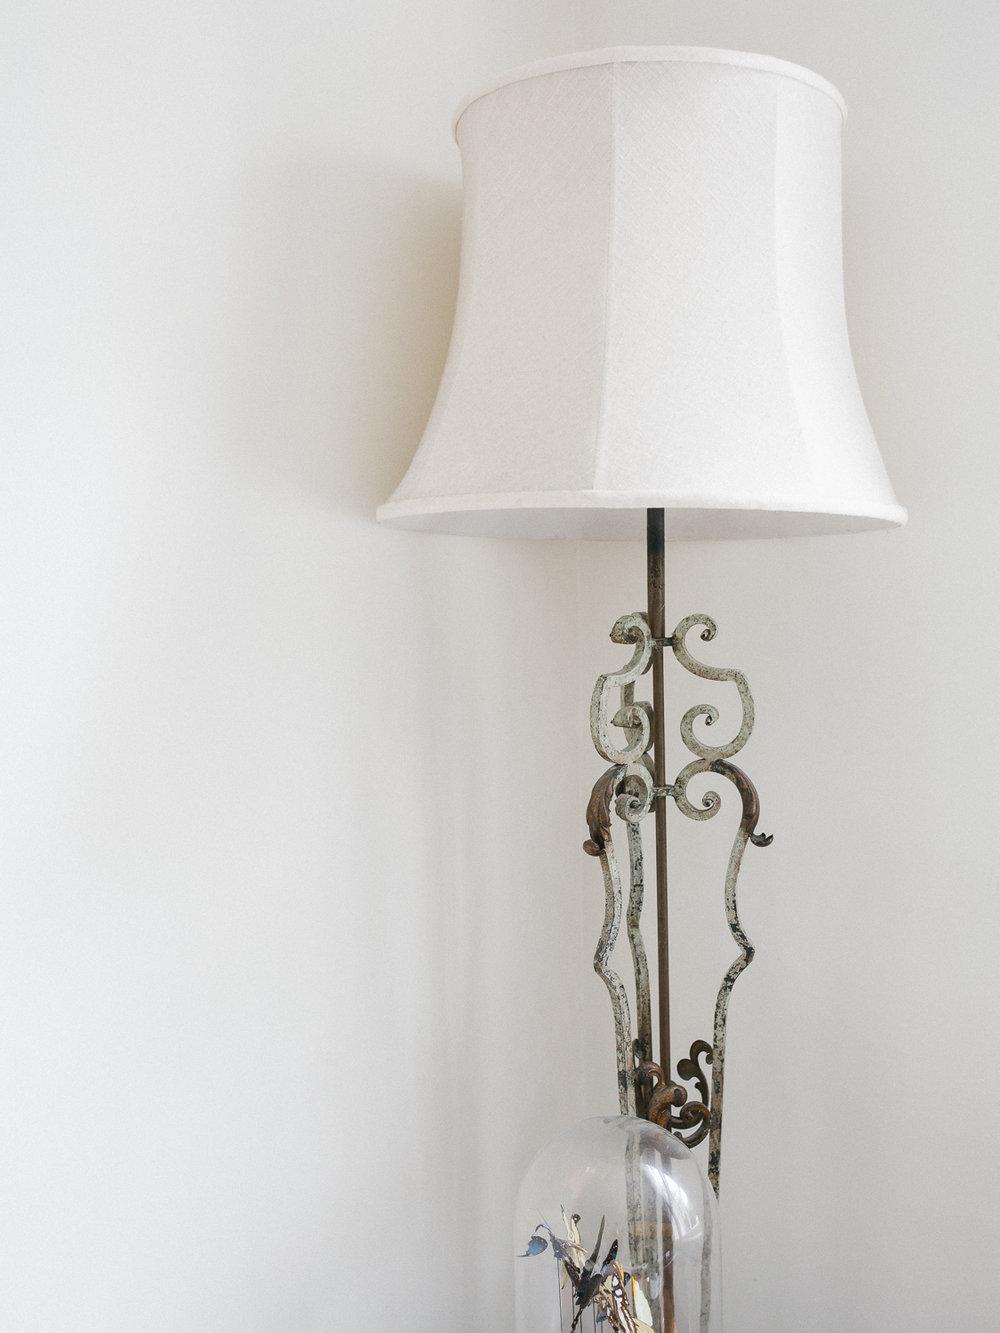 vintage lamp | Larkhall Place, Bath